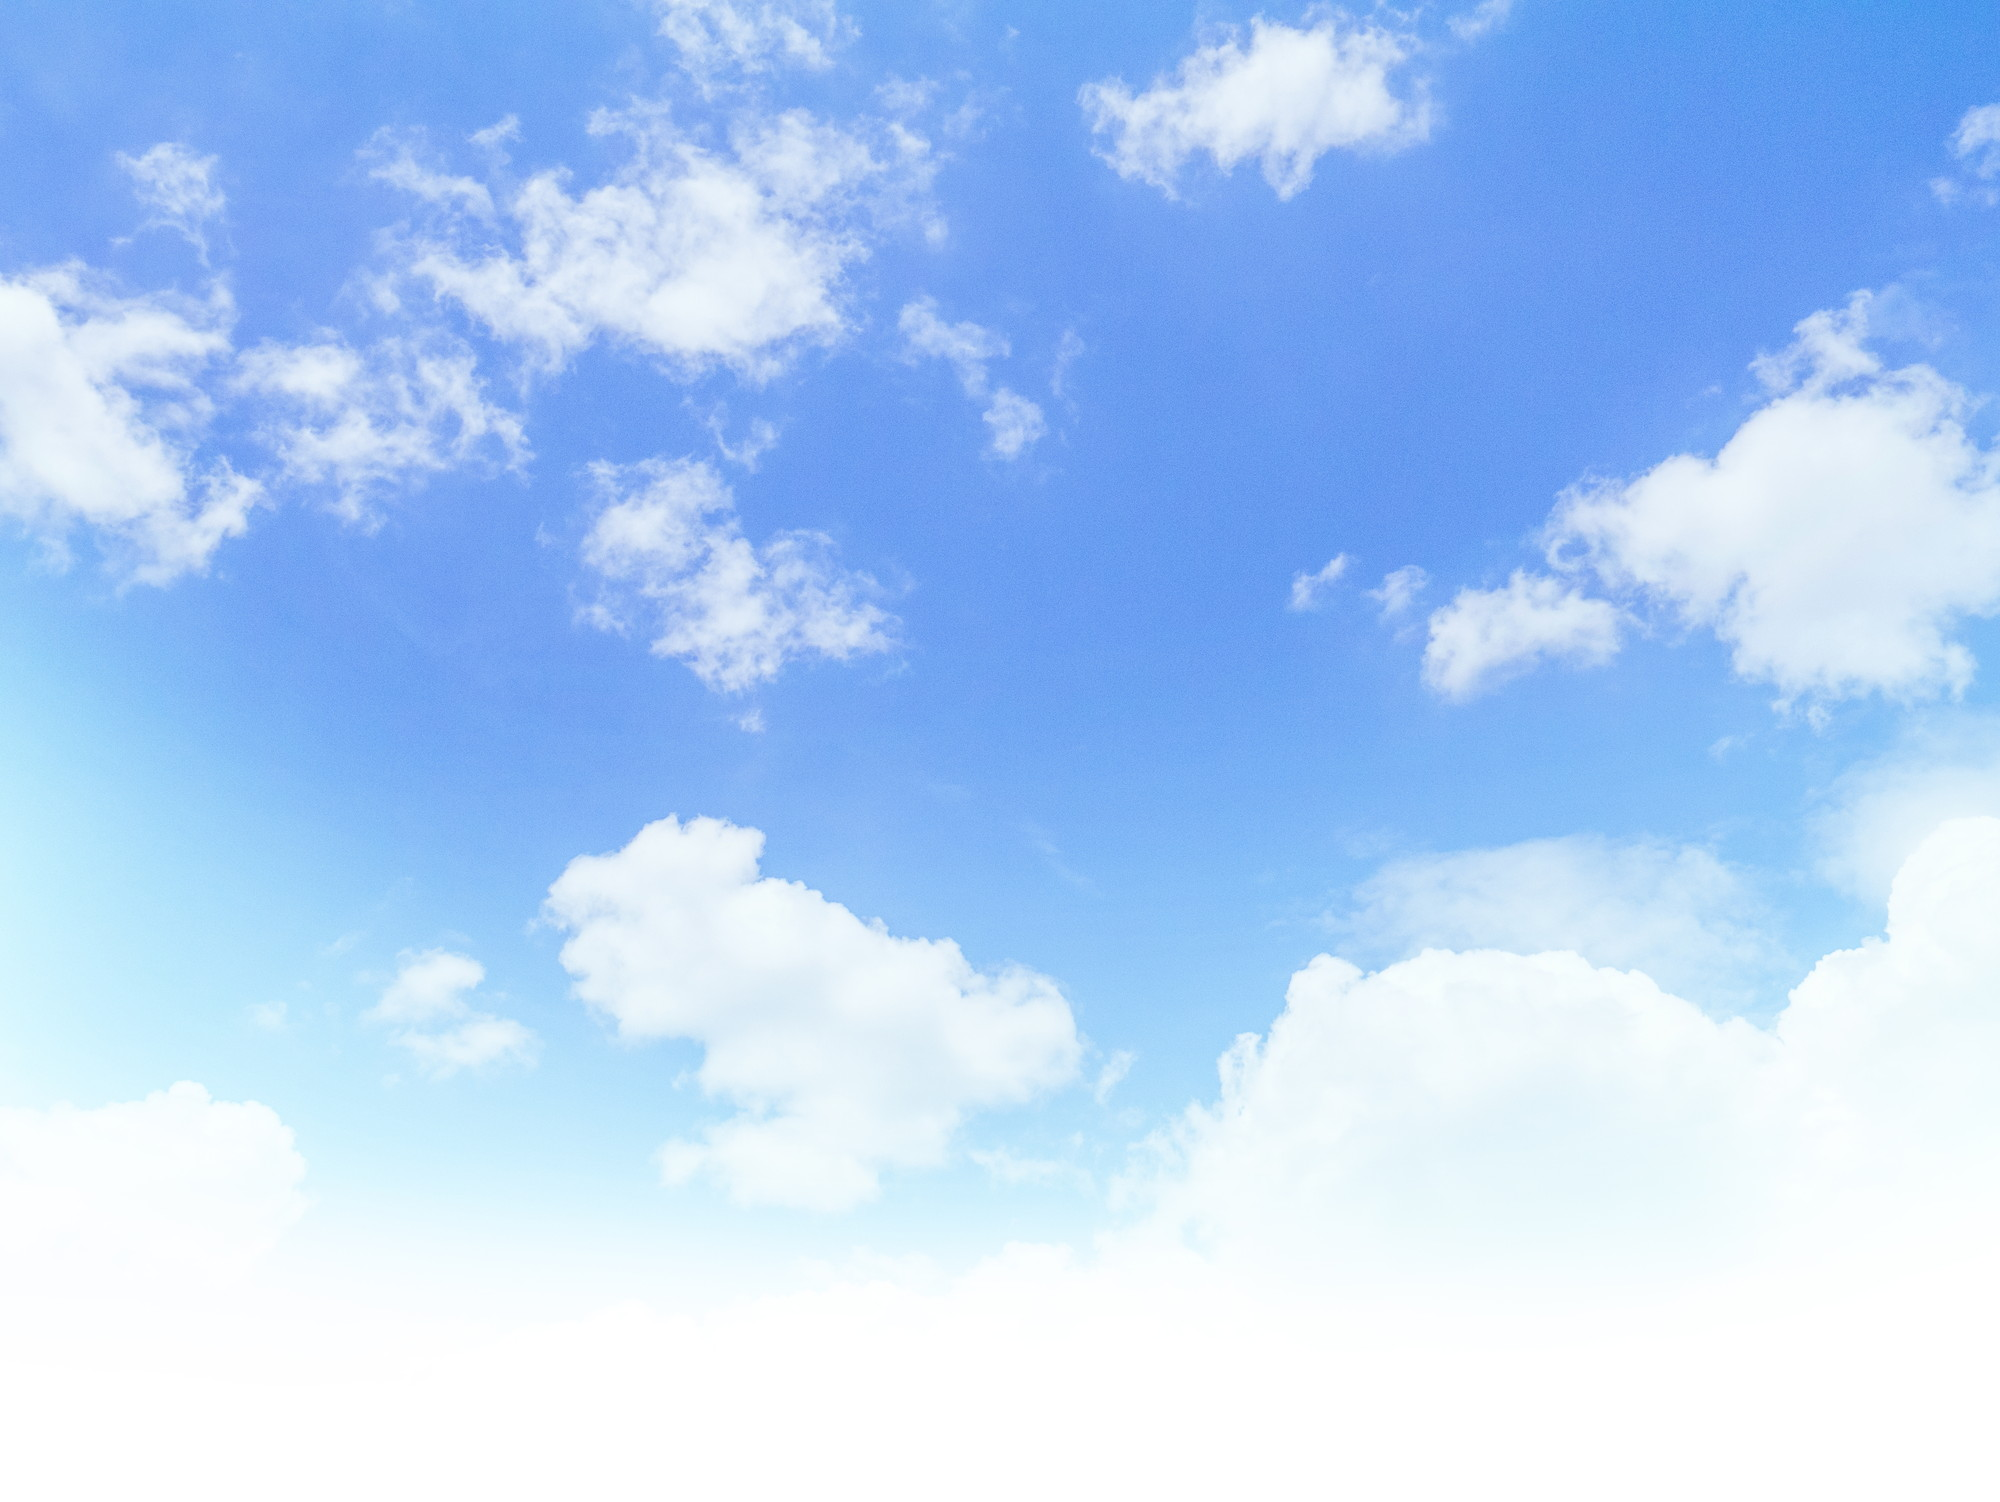 空 雲 青空